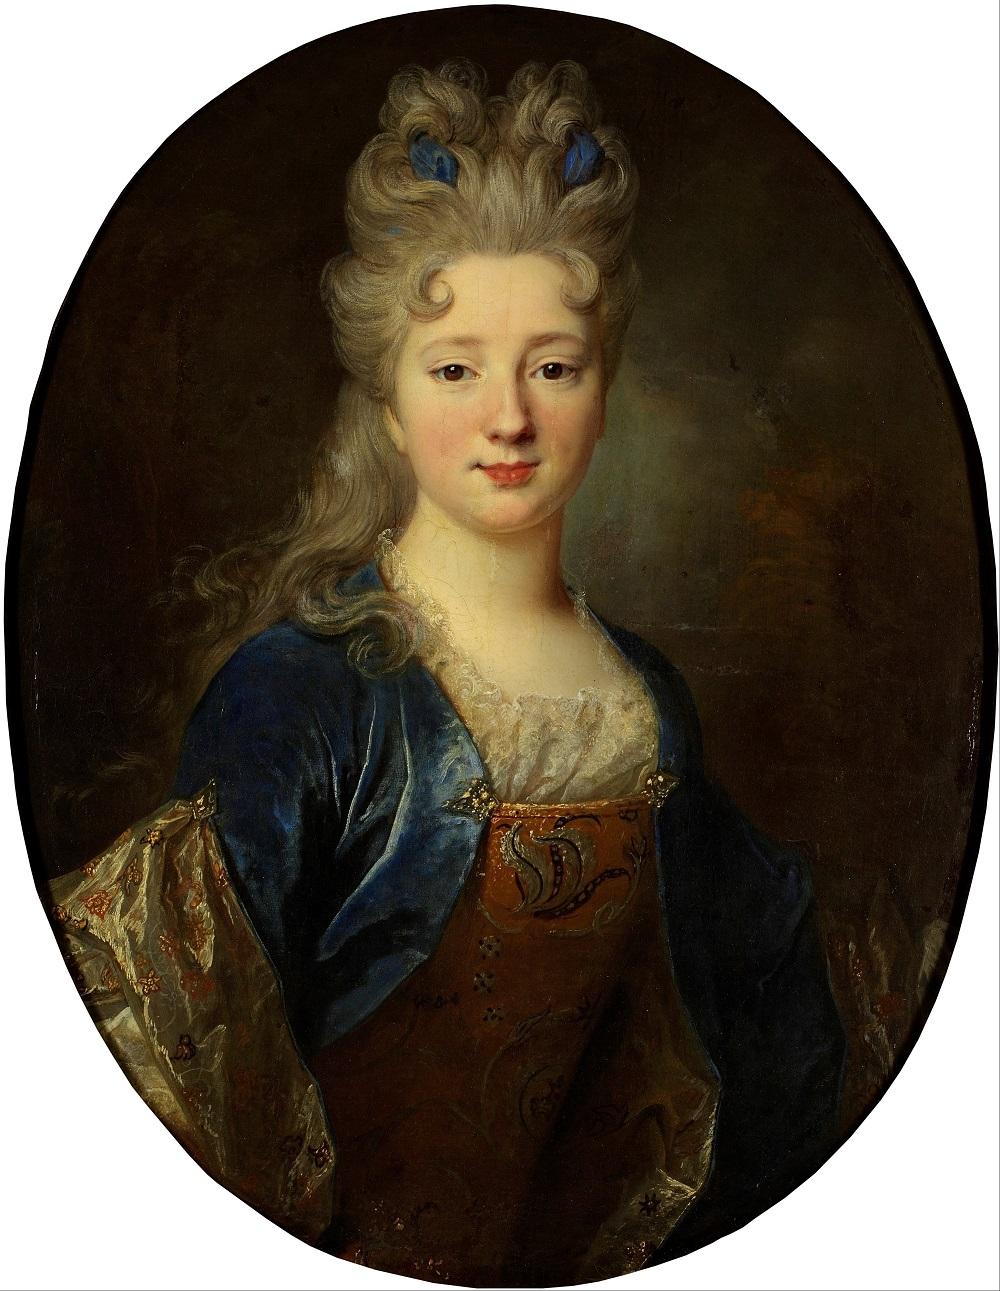 0000 Женский портрет Никола де Ларжильер  автор  Конец 1690-х  холст, масло  80х64 (овал) см.jpg